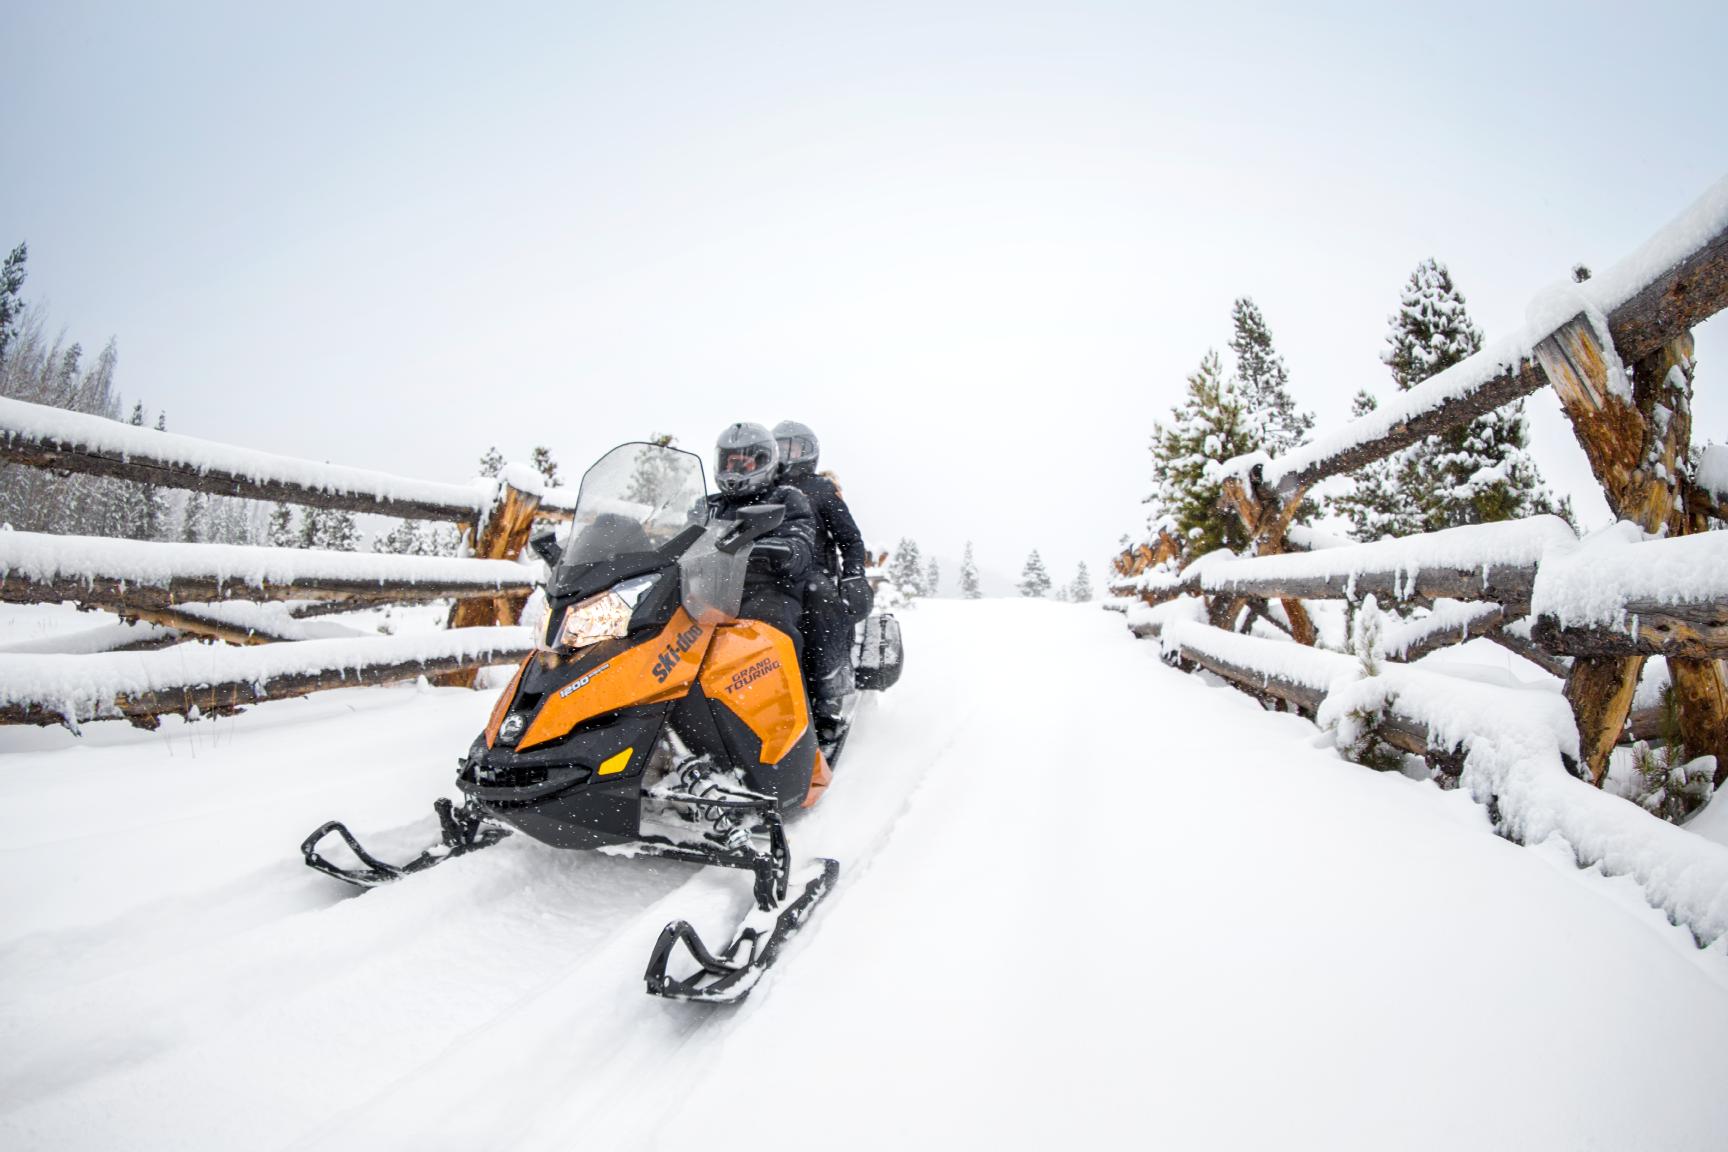 2018 ski-doo renegade